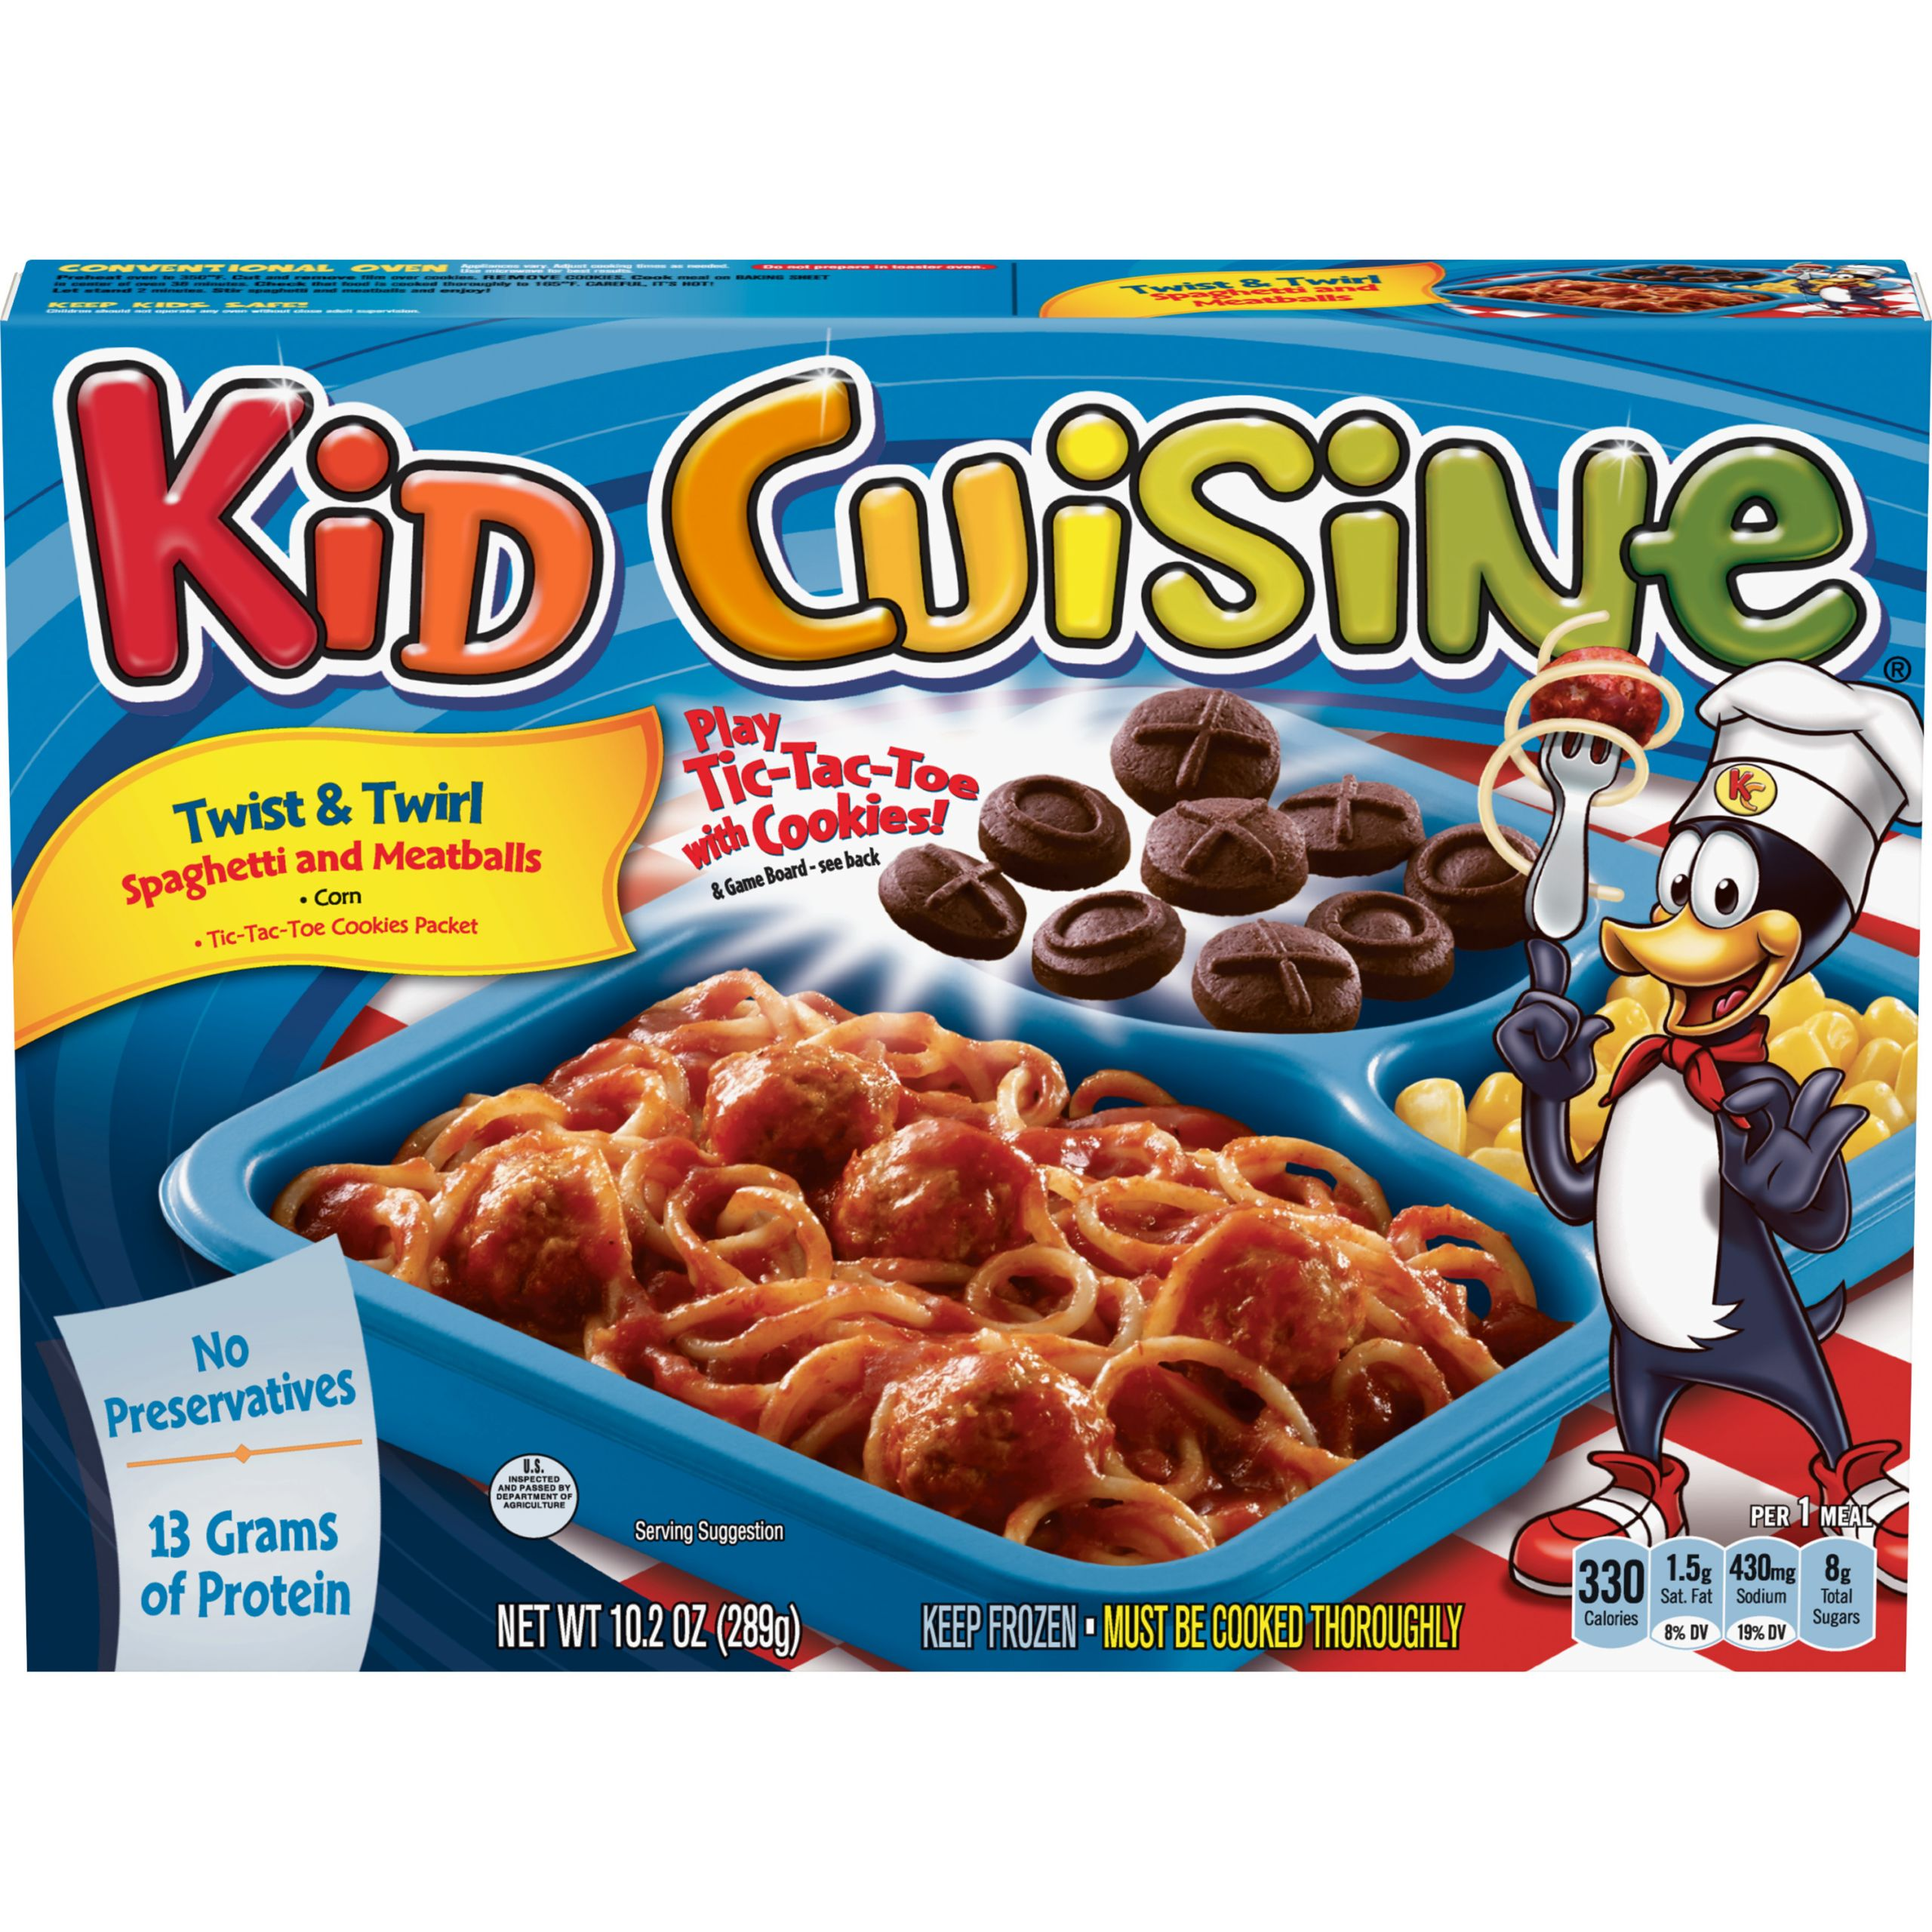 Kids Frozen Dinners  KID CUISINE Twist & Twirl Spaghetti and Meatballs Frozen